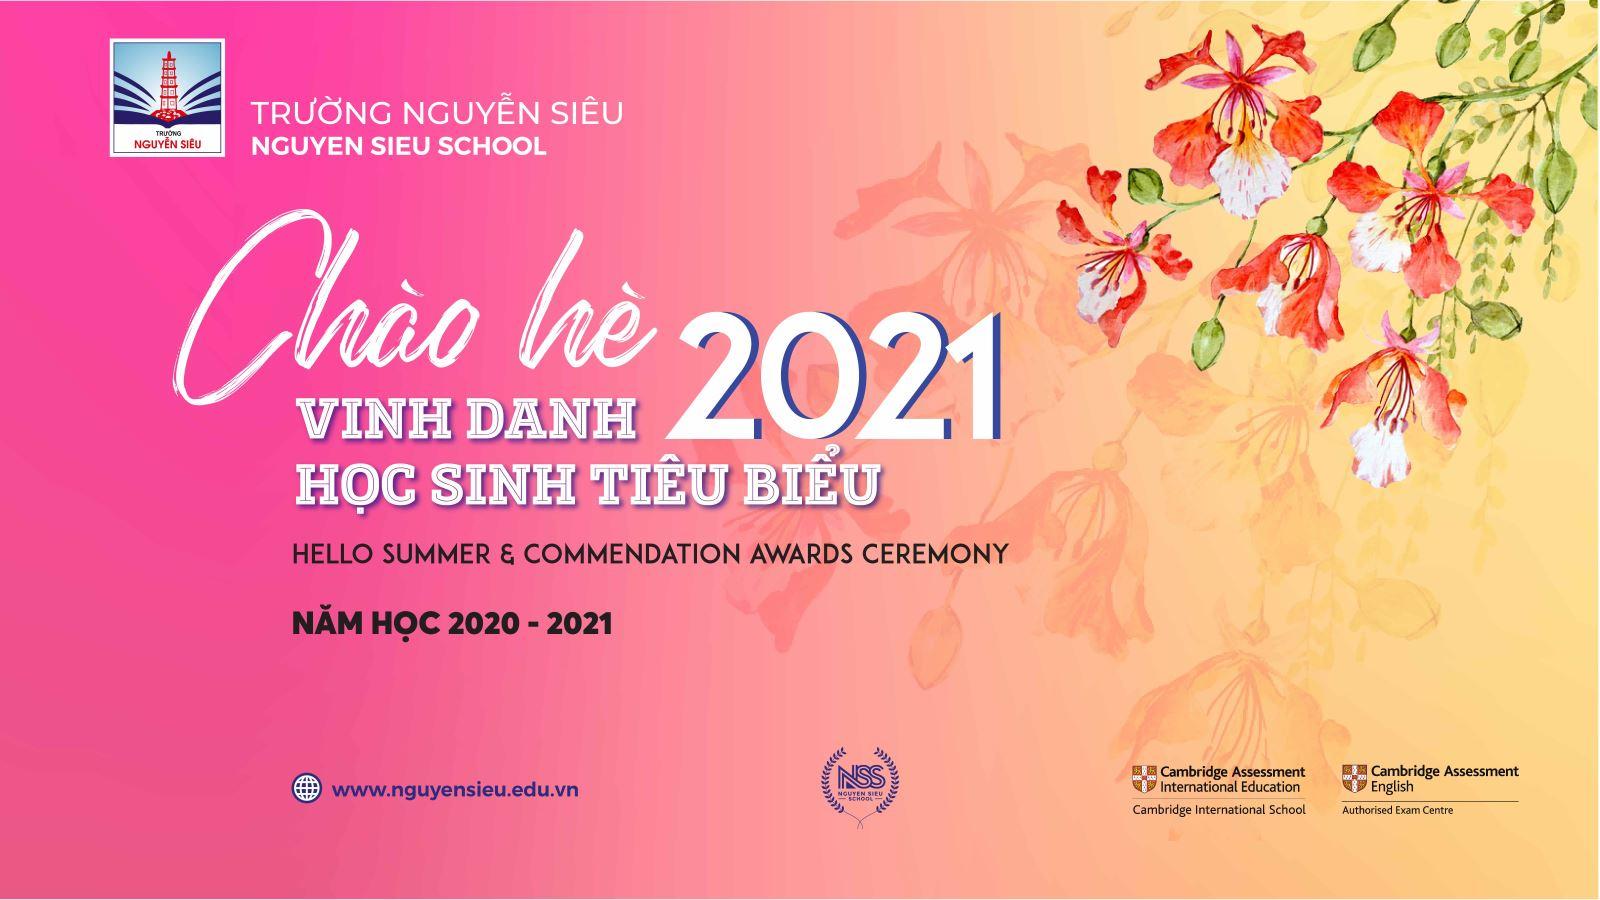 CHÀO HÈ 2021 trực tuyến trên Fanpage và YouTube Trường Nguyễn Siêu